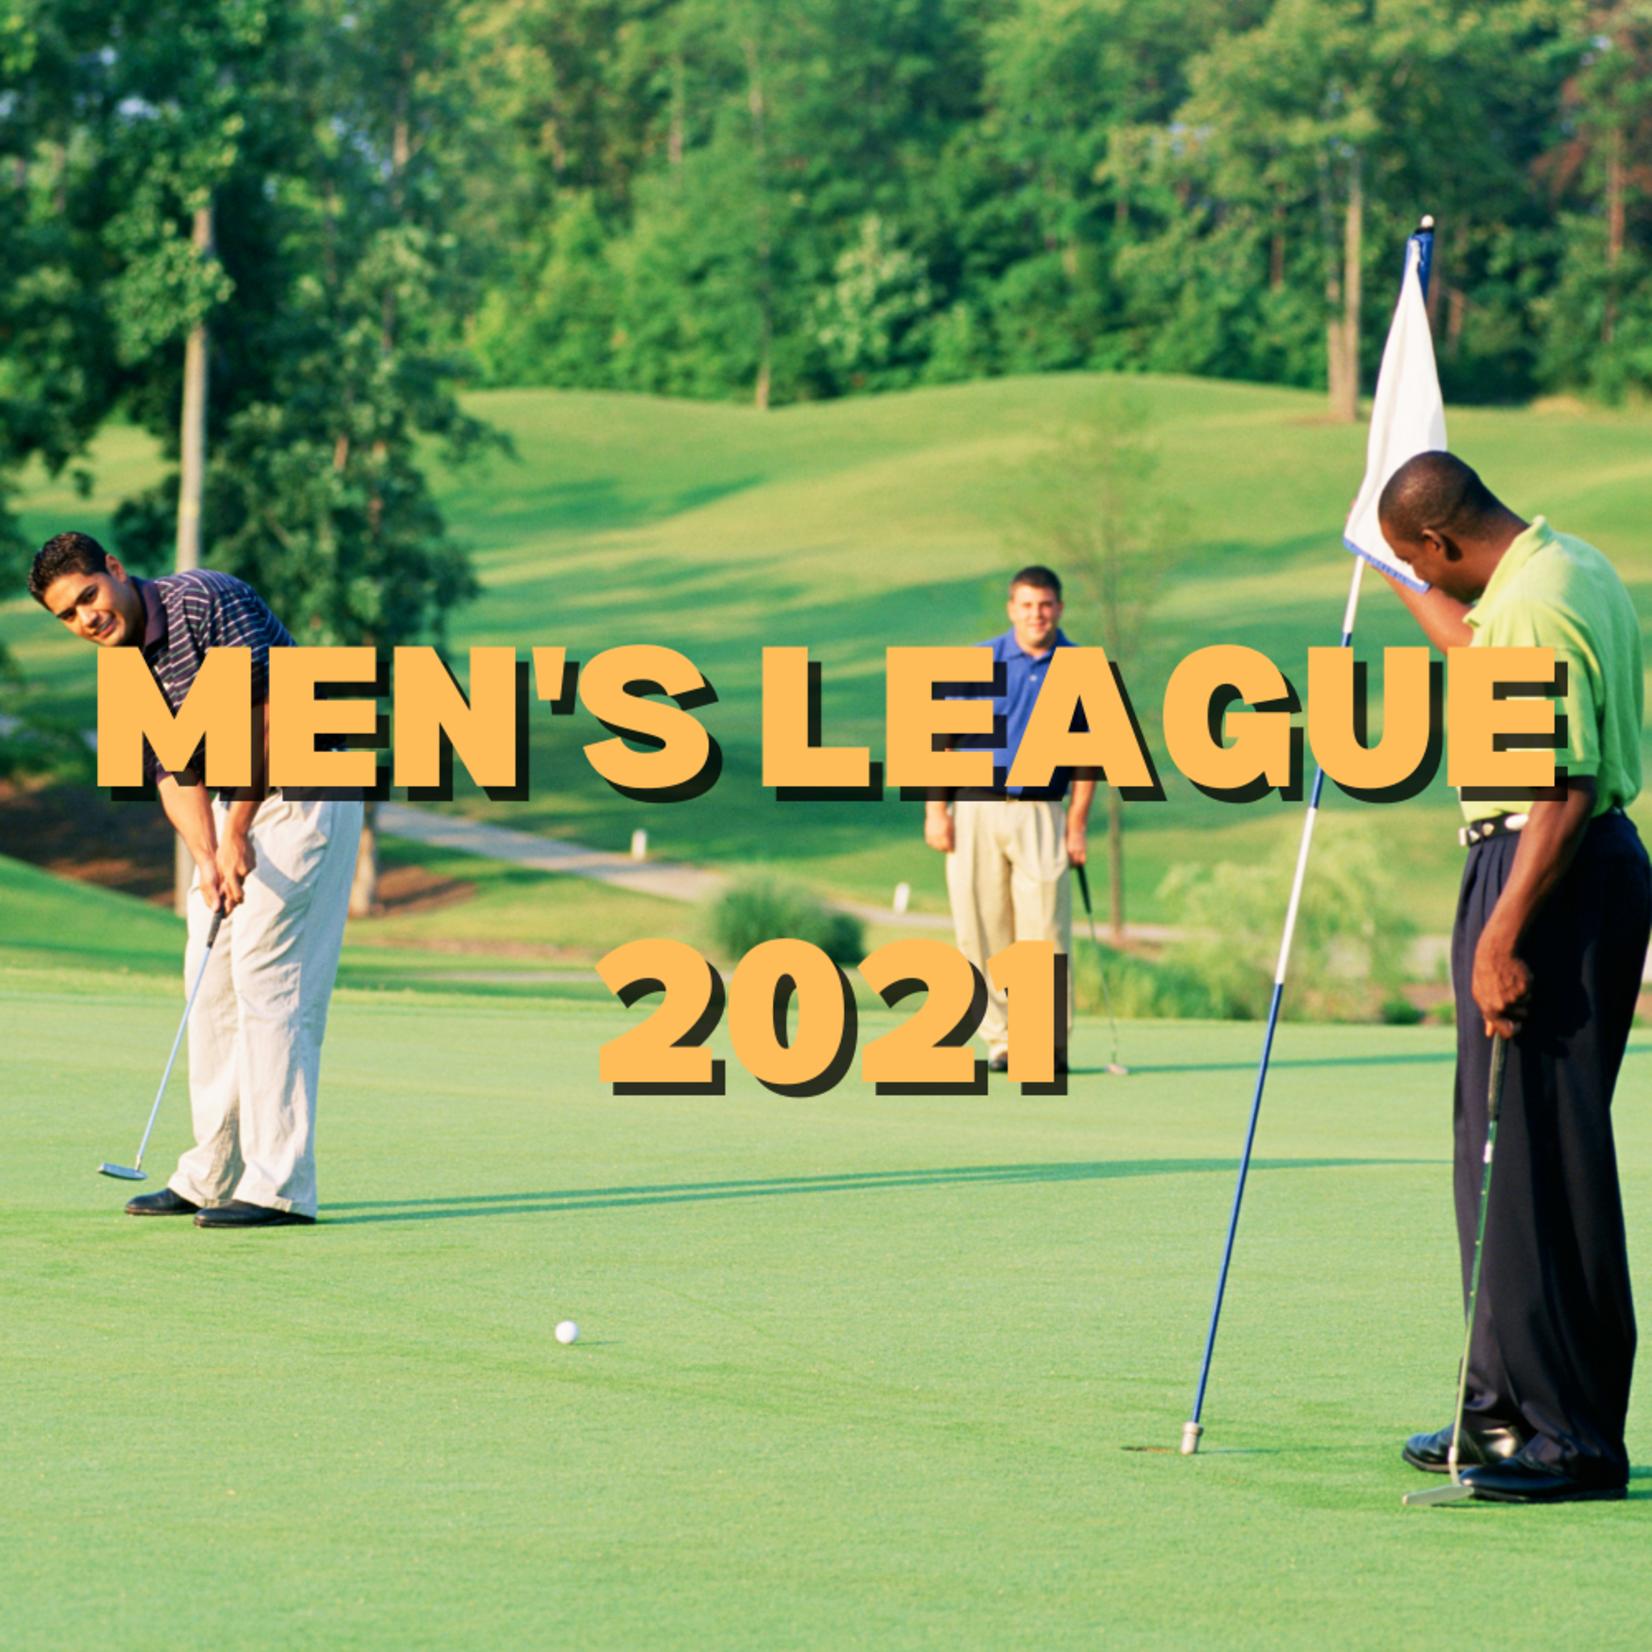 Thursday Men's League 2021